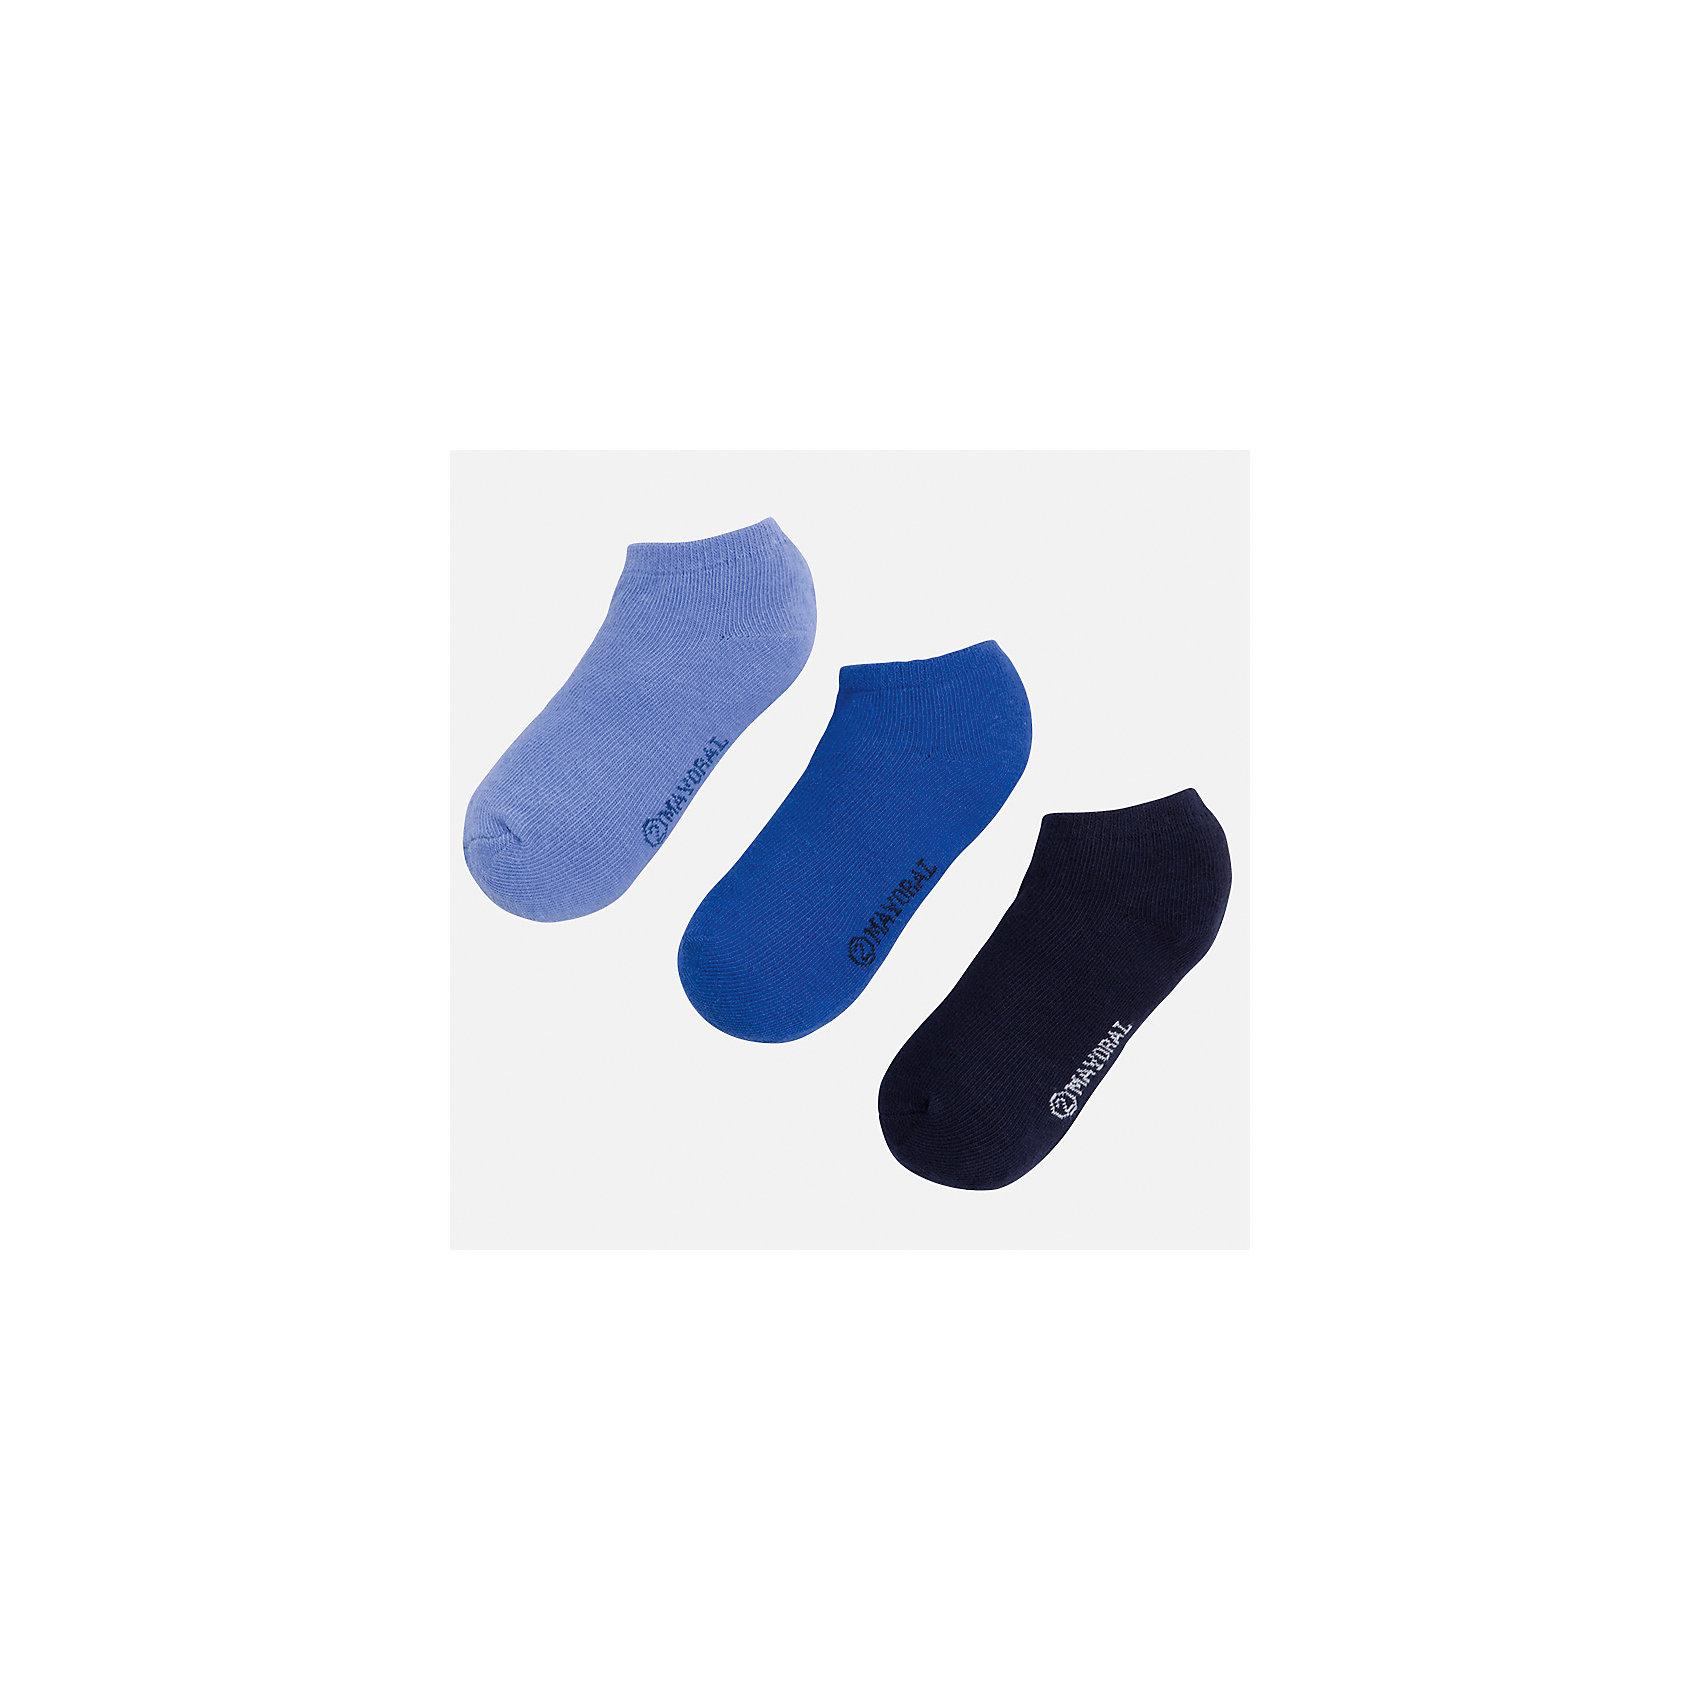 Носки для мальчика MayoralНоски<br>Характеристики товара:<br><br>• цвет: голубой/синий/темно-синий<br>• состав: 72% хлопок, 25% полиамид, 3% эластан<br>• комплектация: три пары<br>• мягкая резинка<br>• эластичный материал<br>• однотонные<br>• страна бренда: Испания<br><br>Удобные симпатичные носки для мальчика помогут обеспечить ребенку комфорт и дополнить наряд. Универсальный цвет позволяет надевать их под обувь разных расцветок. Носки удобно сидят на ноге и аккуратно смотрятся. Этот комплект - практичный и красивый! В составе материала - натуральный хлопок, гипоаллергенный, приятный на ощупь, дышащий. <br><br>Одежда, обувь и аксессуары от испанского бренда Mayoral полюбились детям и взрослым по всему миру. Модели этой марки - стильные и удобные. Для их производства используются только безопасные, качественные материалы и фурнитура. Порадуйте ребенка модными и красивыми вещами от Mayoral! <br><br>Носки (3 пары) для мальчика от испанского бренда Mayoral (Майорал) можно купить в нашем интернет-магазине.<br><br>Ширина мм: 87<br>Глубина мм: 10<br>Высота мм: 105<br>Вес г: 115<br>Цвет: синий<br>Возраст от месяцев: 72<br>Возраст до месяцев: 96<br>Пол: Мужской<br>Возраст: Детский<br>Размер: 8,2,4,6<br>SKU: 5294392